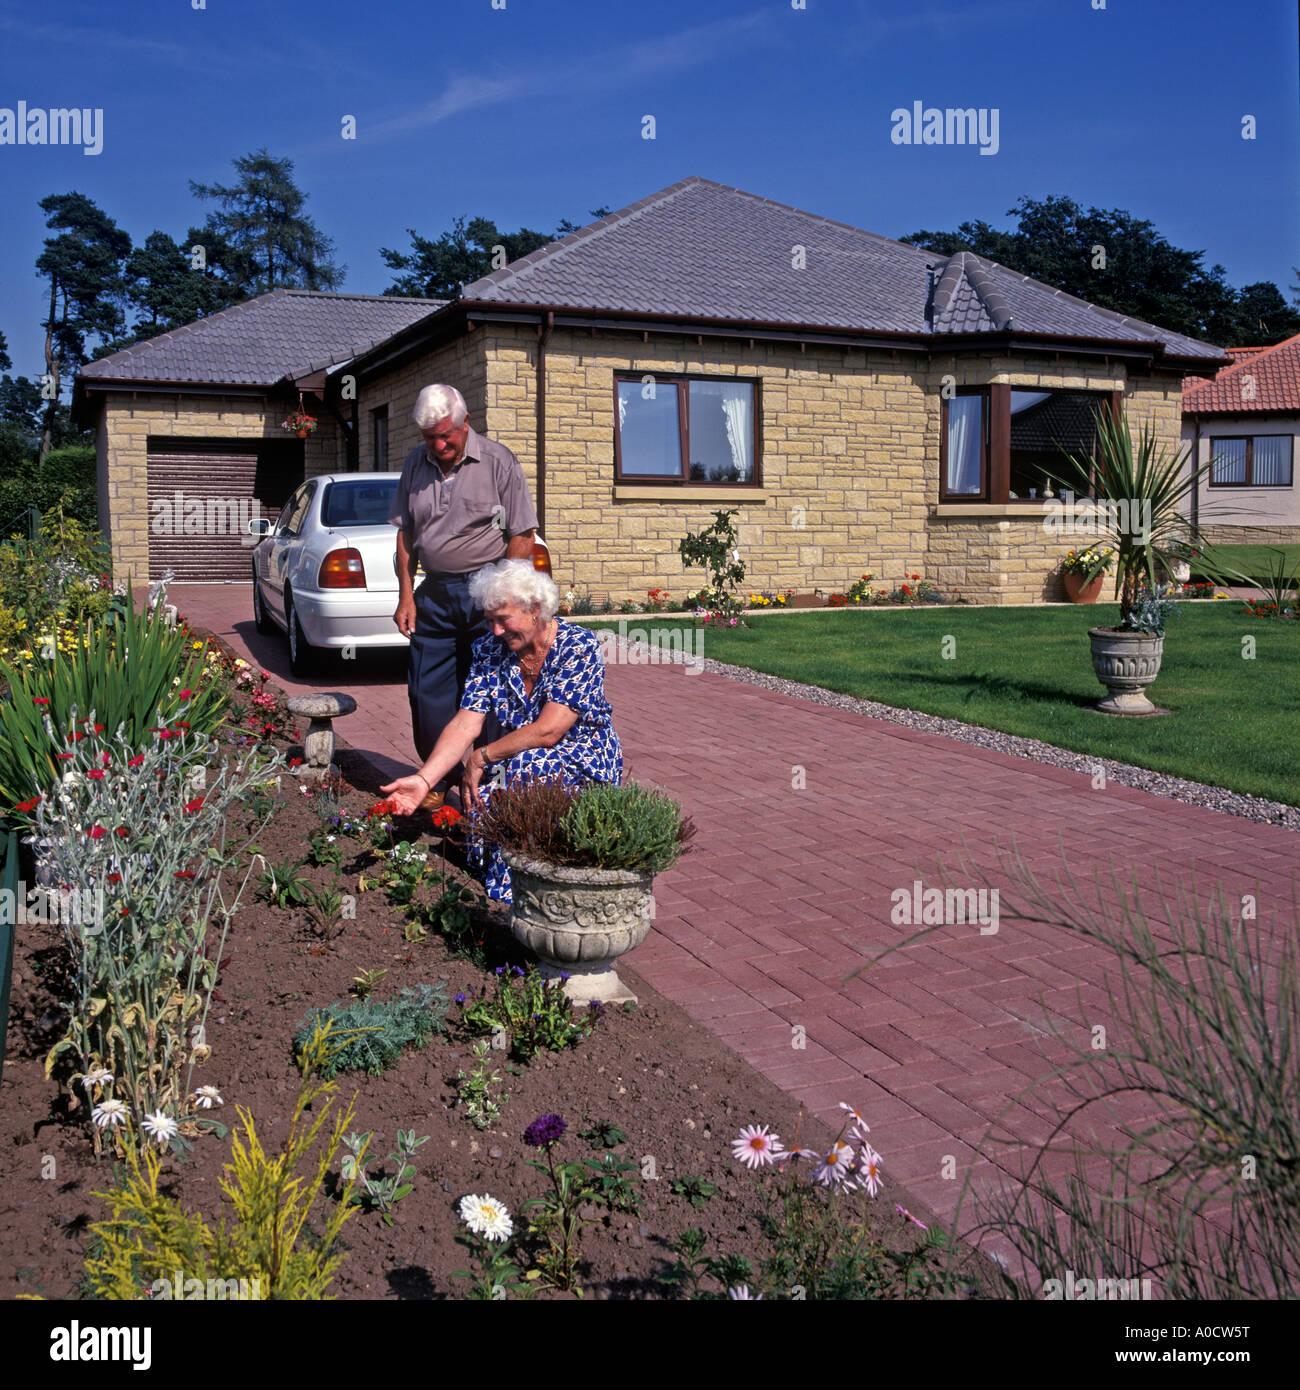 Retirement Bungalows For Sale: Retirement Bungalow Stock Photos & Retirement Bungalow